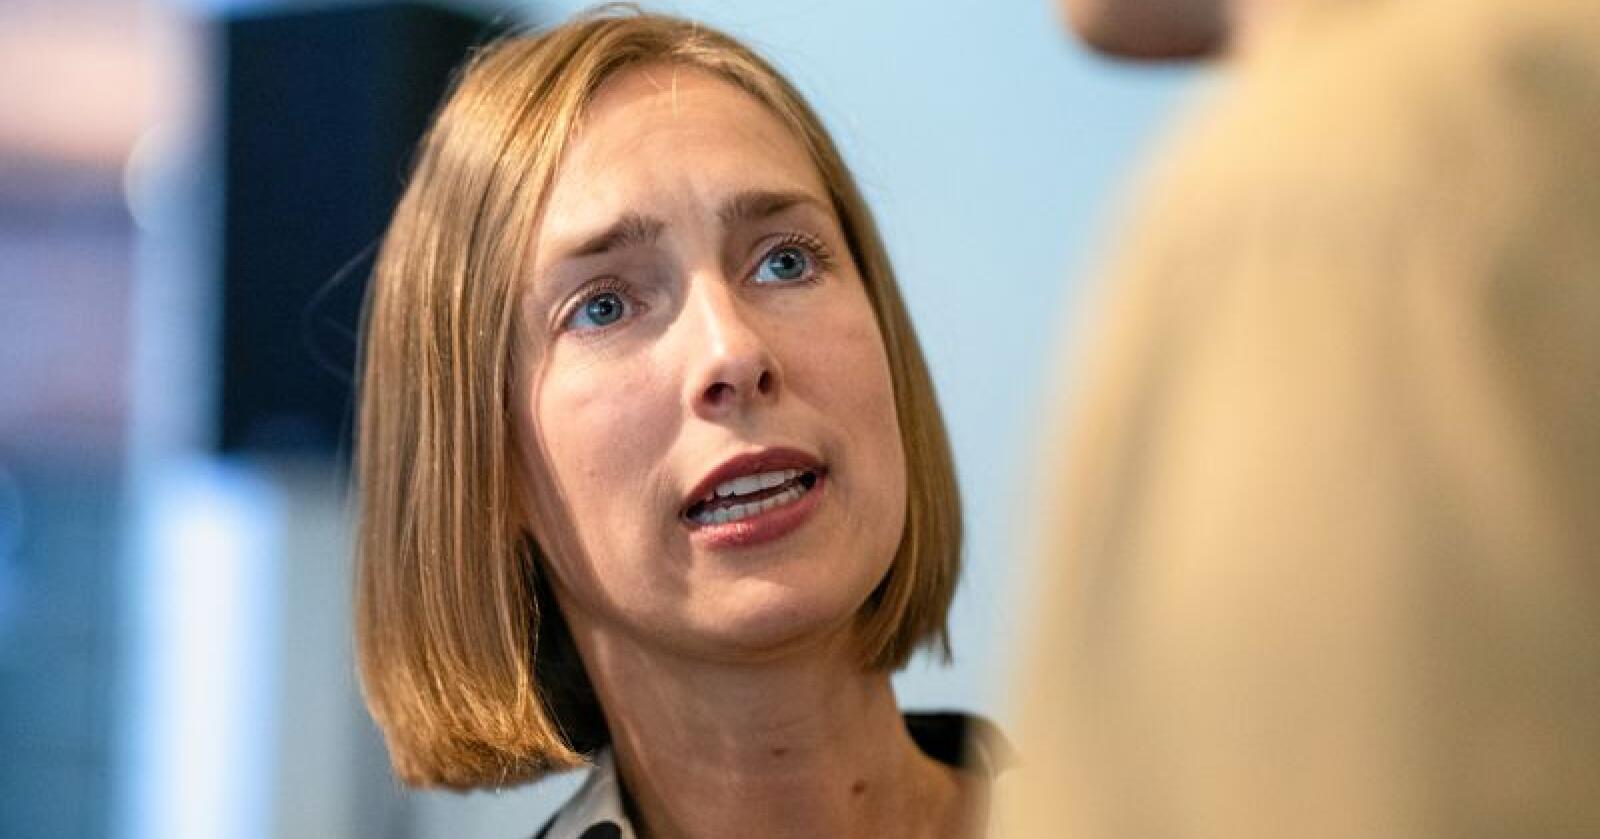 Står uten troverdighet: Forsknings- og høyere utdanningsminister Iselin Nybø. Foto: Audun Braastad / NTB scanpix